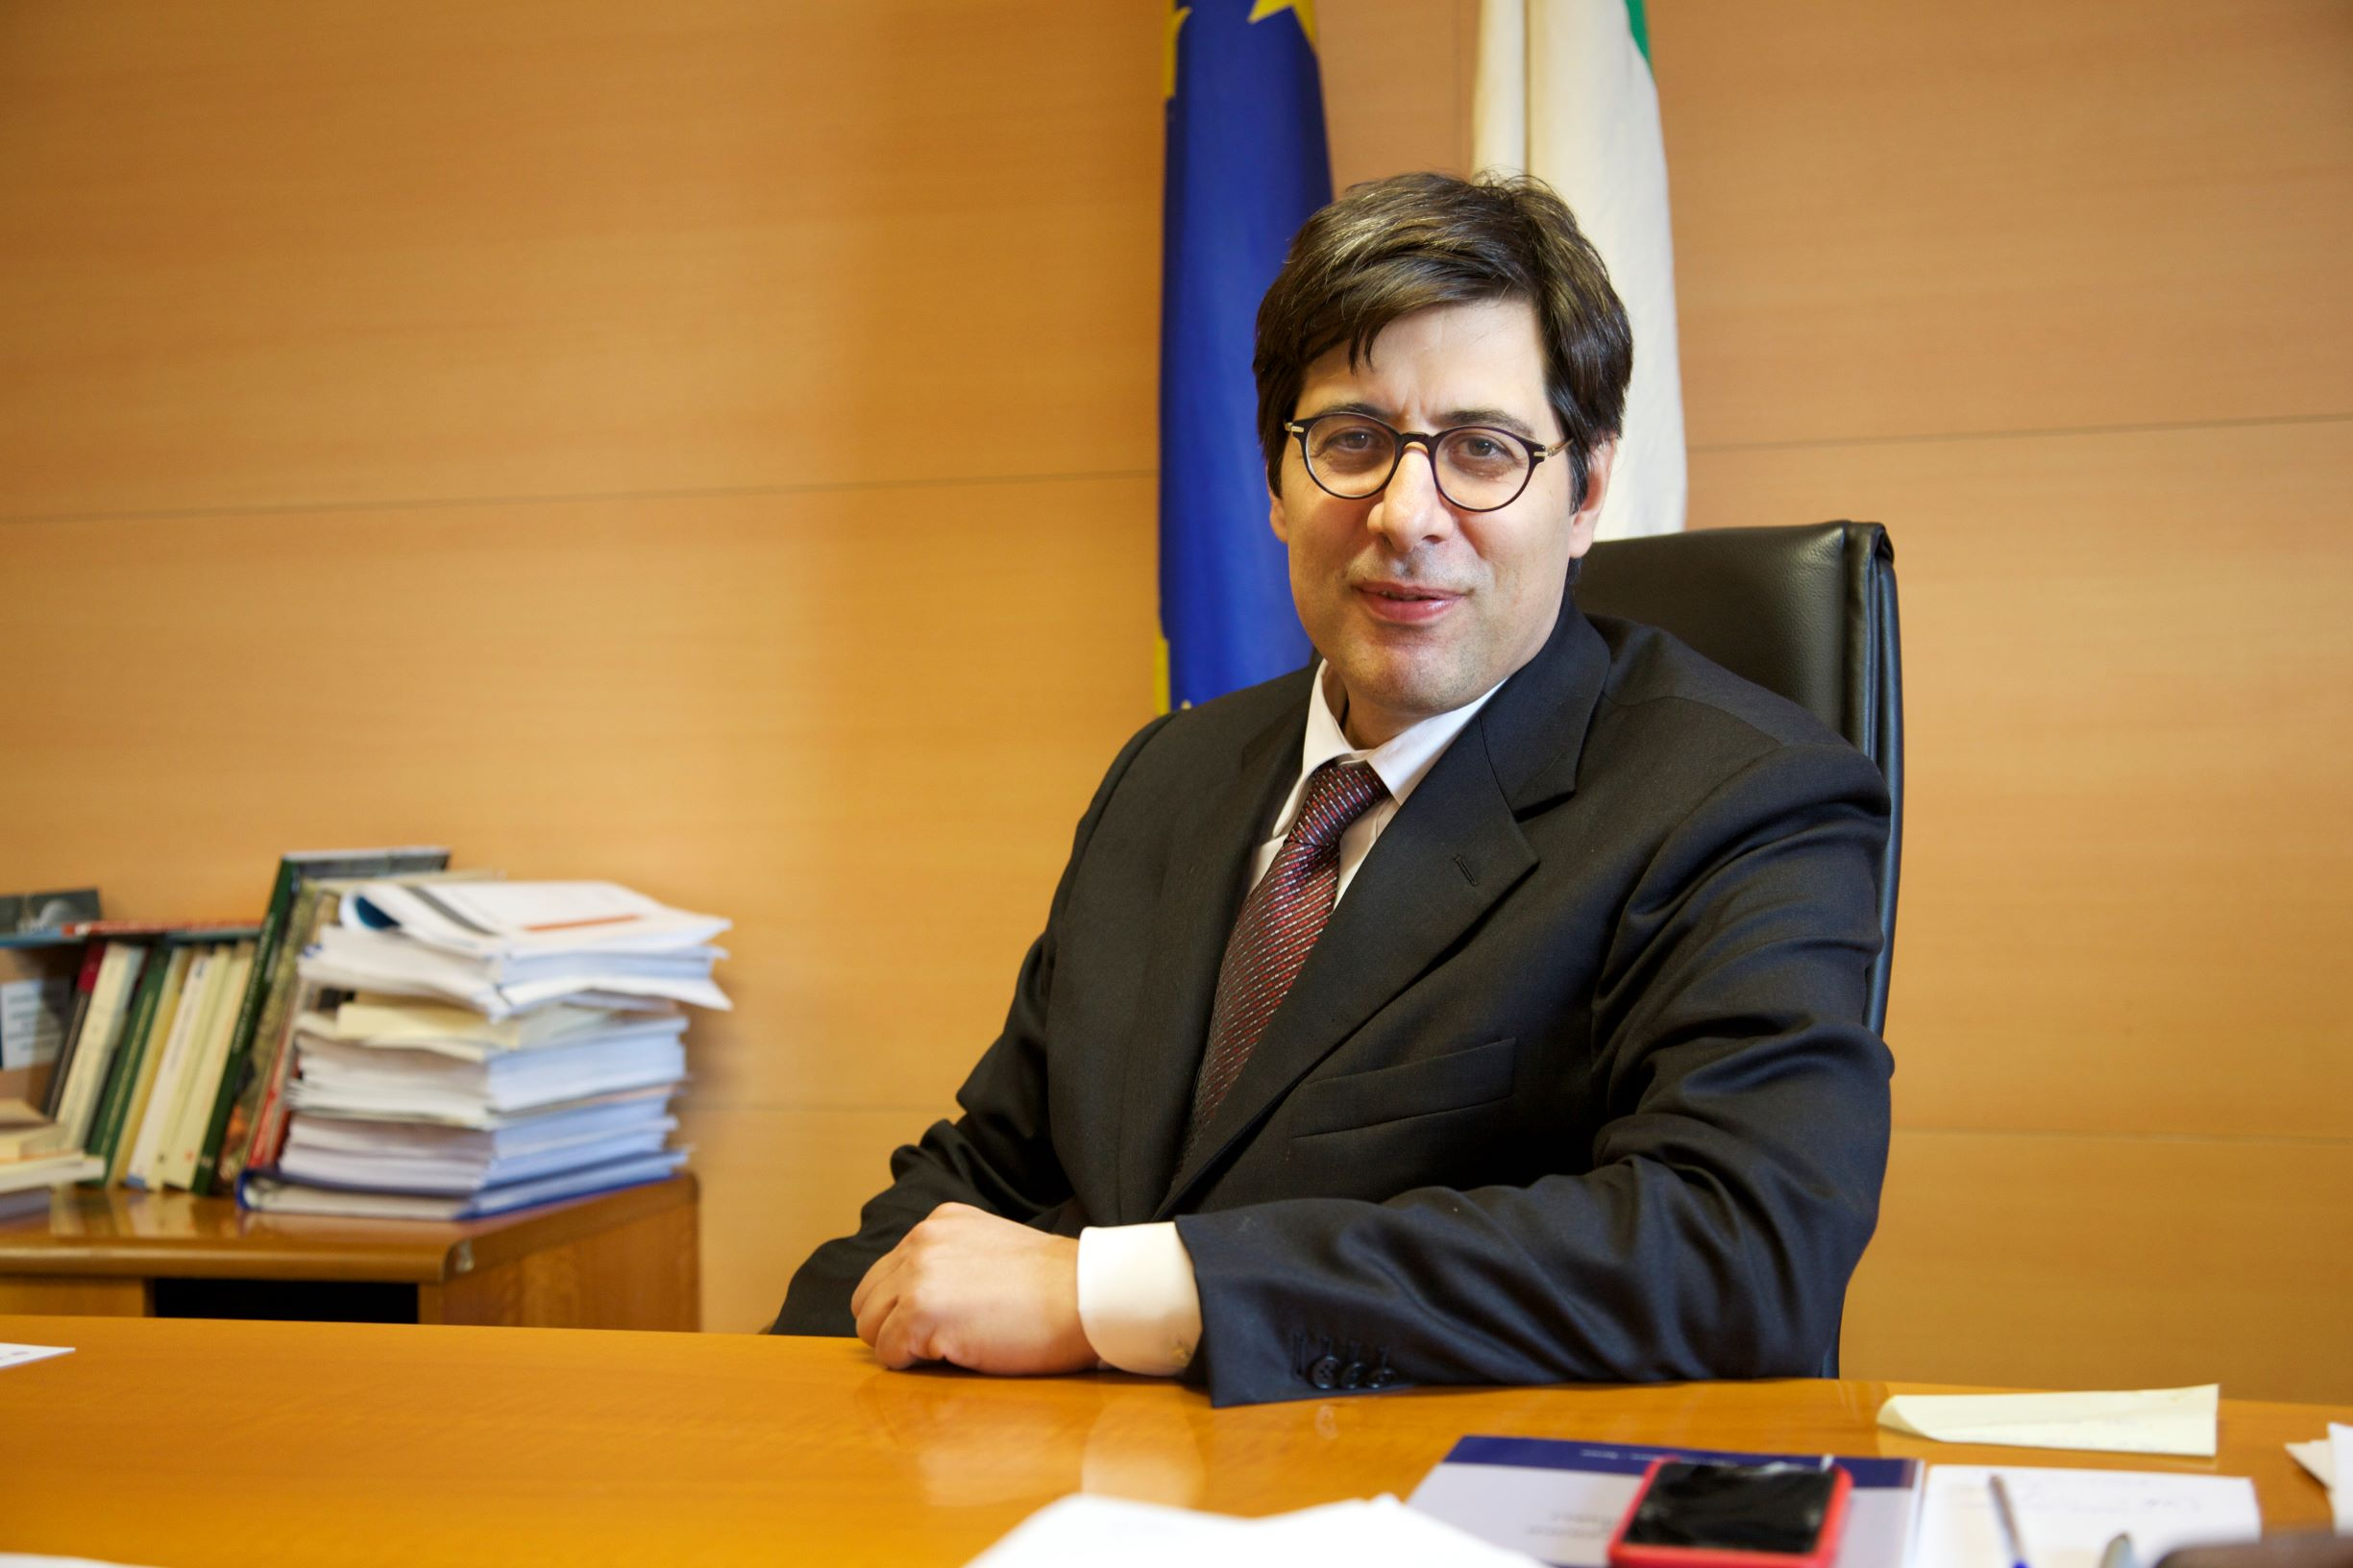 """Stefano Battini, Presidente SNA: """"La buona burocrazia non viene raccontata"""""""